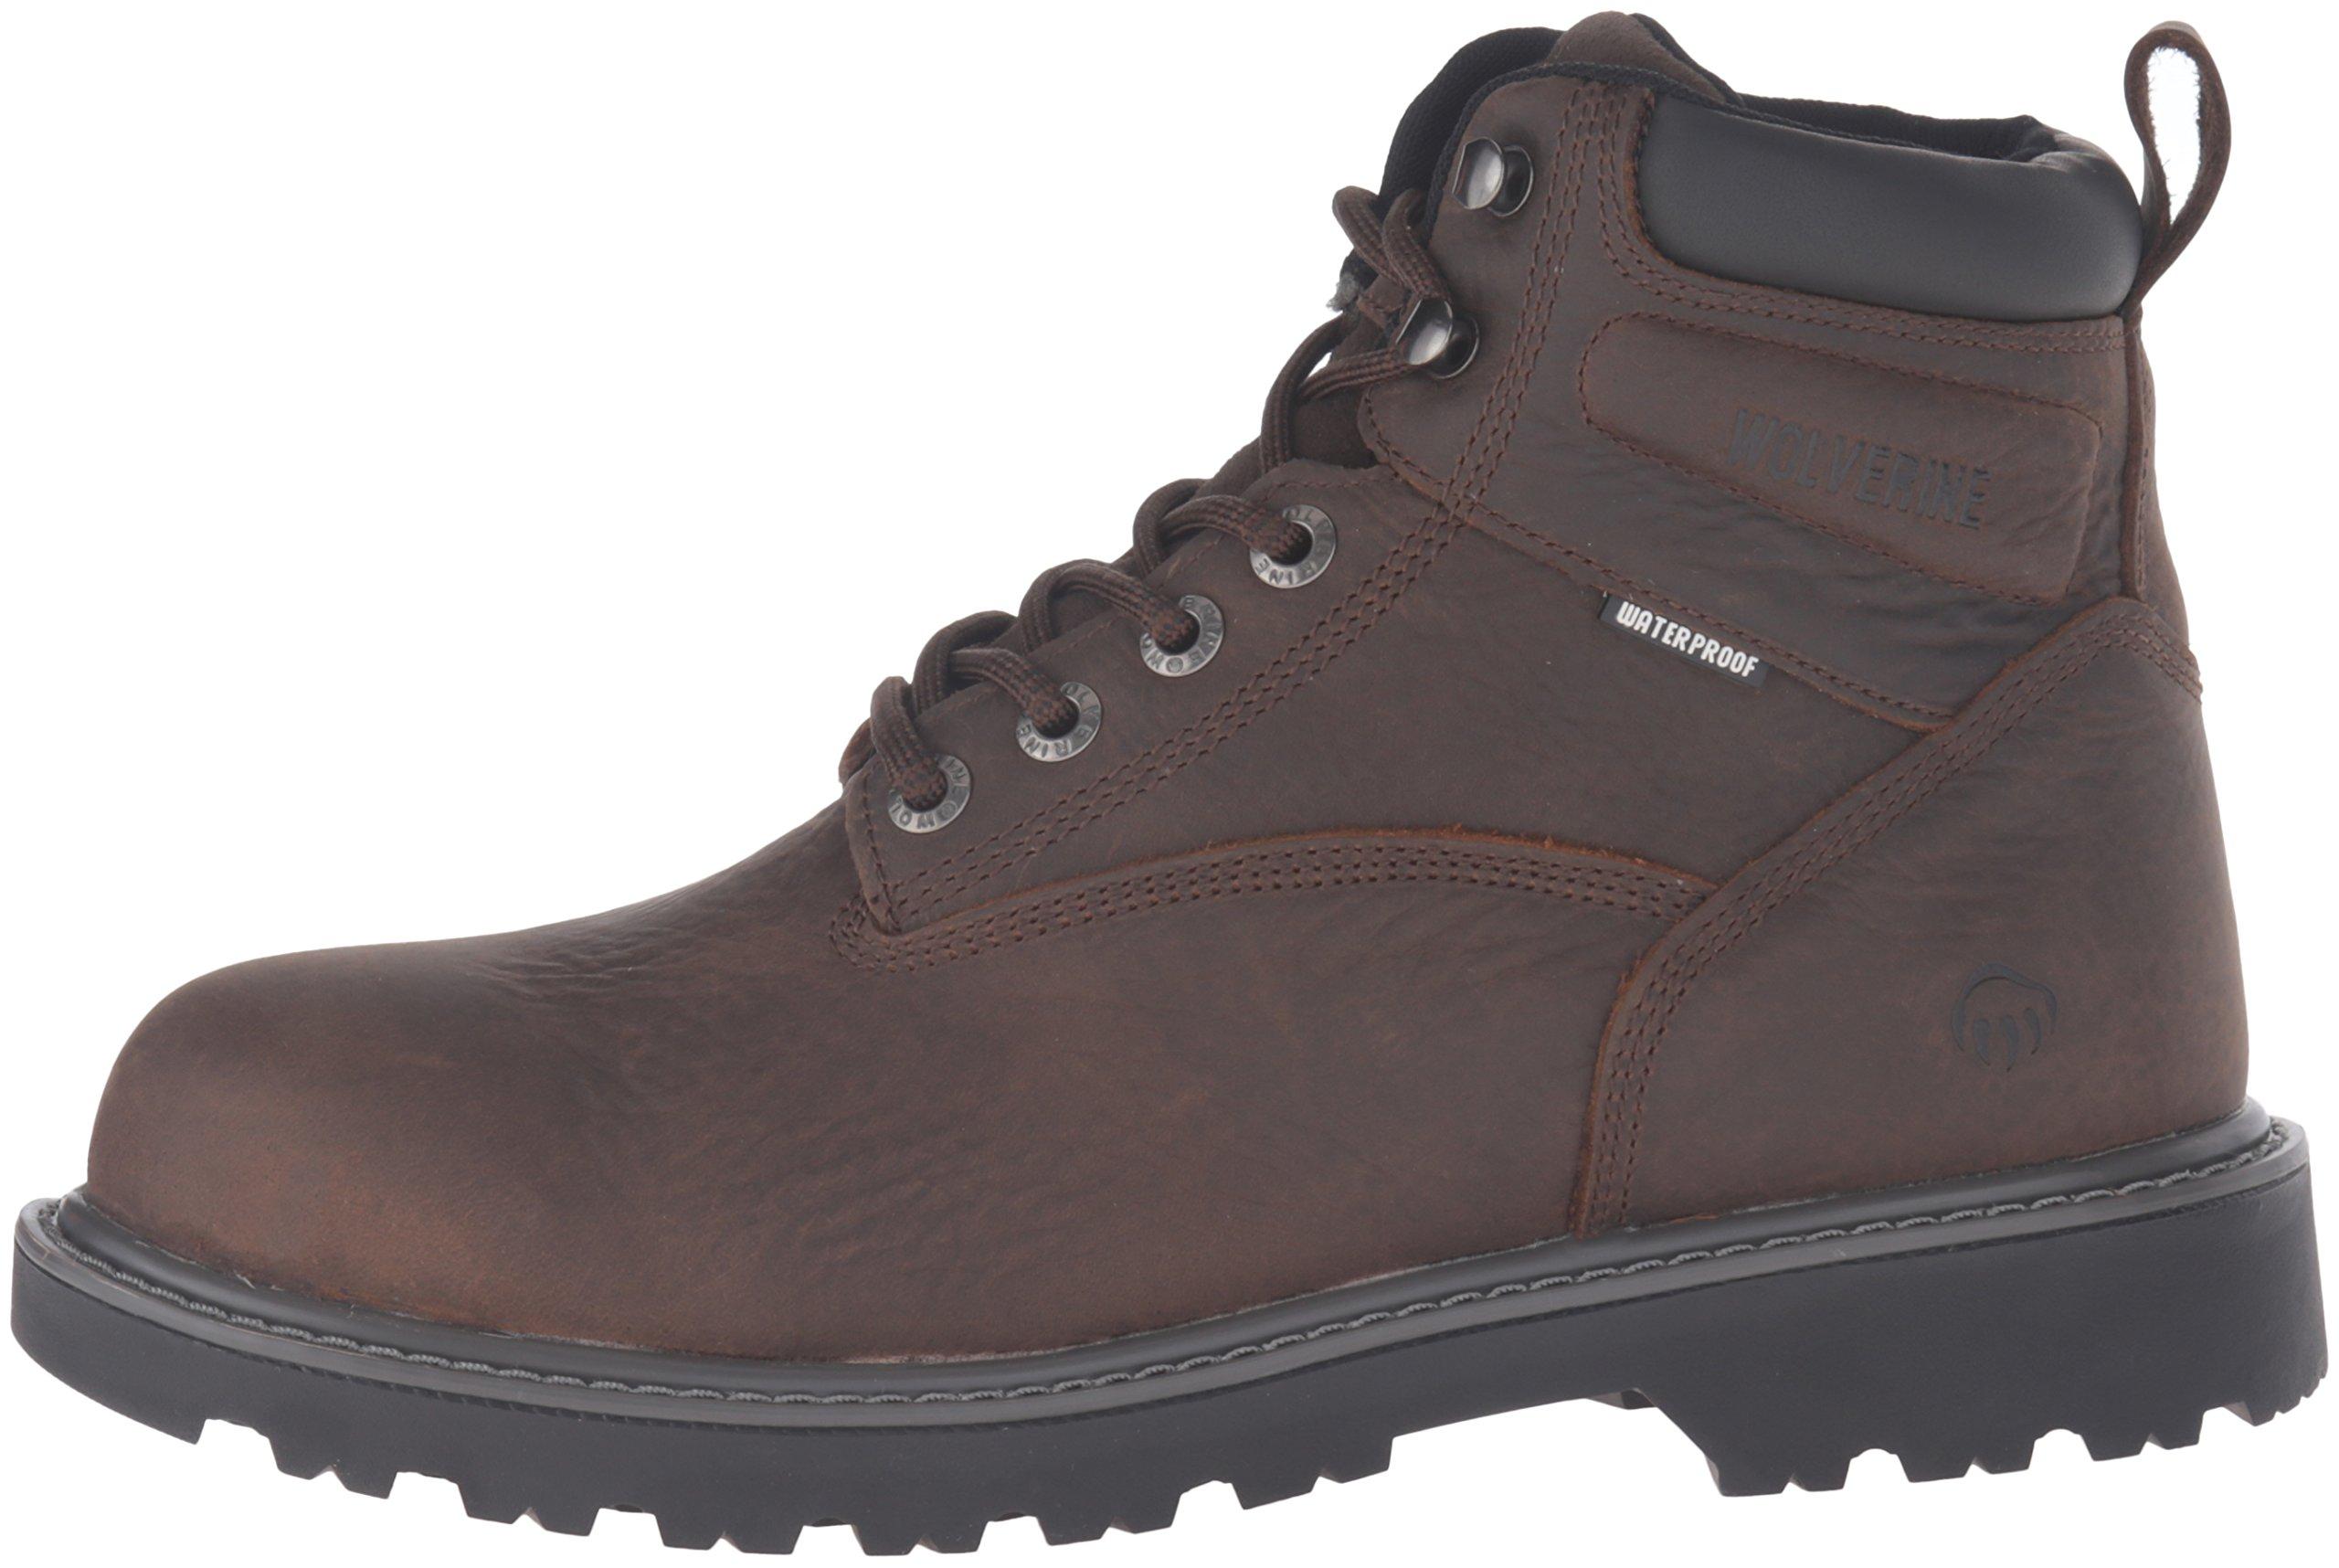 Wolverine Men's Floorhand 6 Inch Waterproof Steel Toe Work Shoe, Dark Brown, 9.5 M US by Wolverine (Image #5)